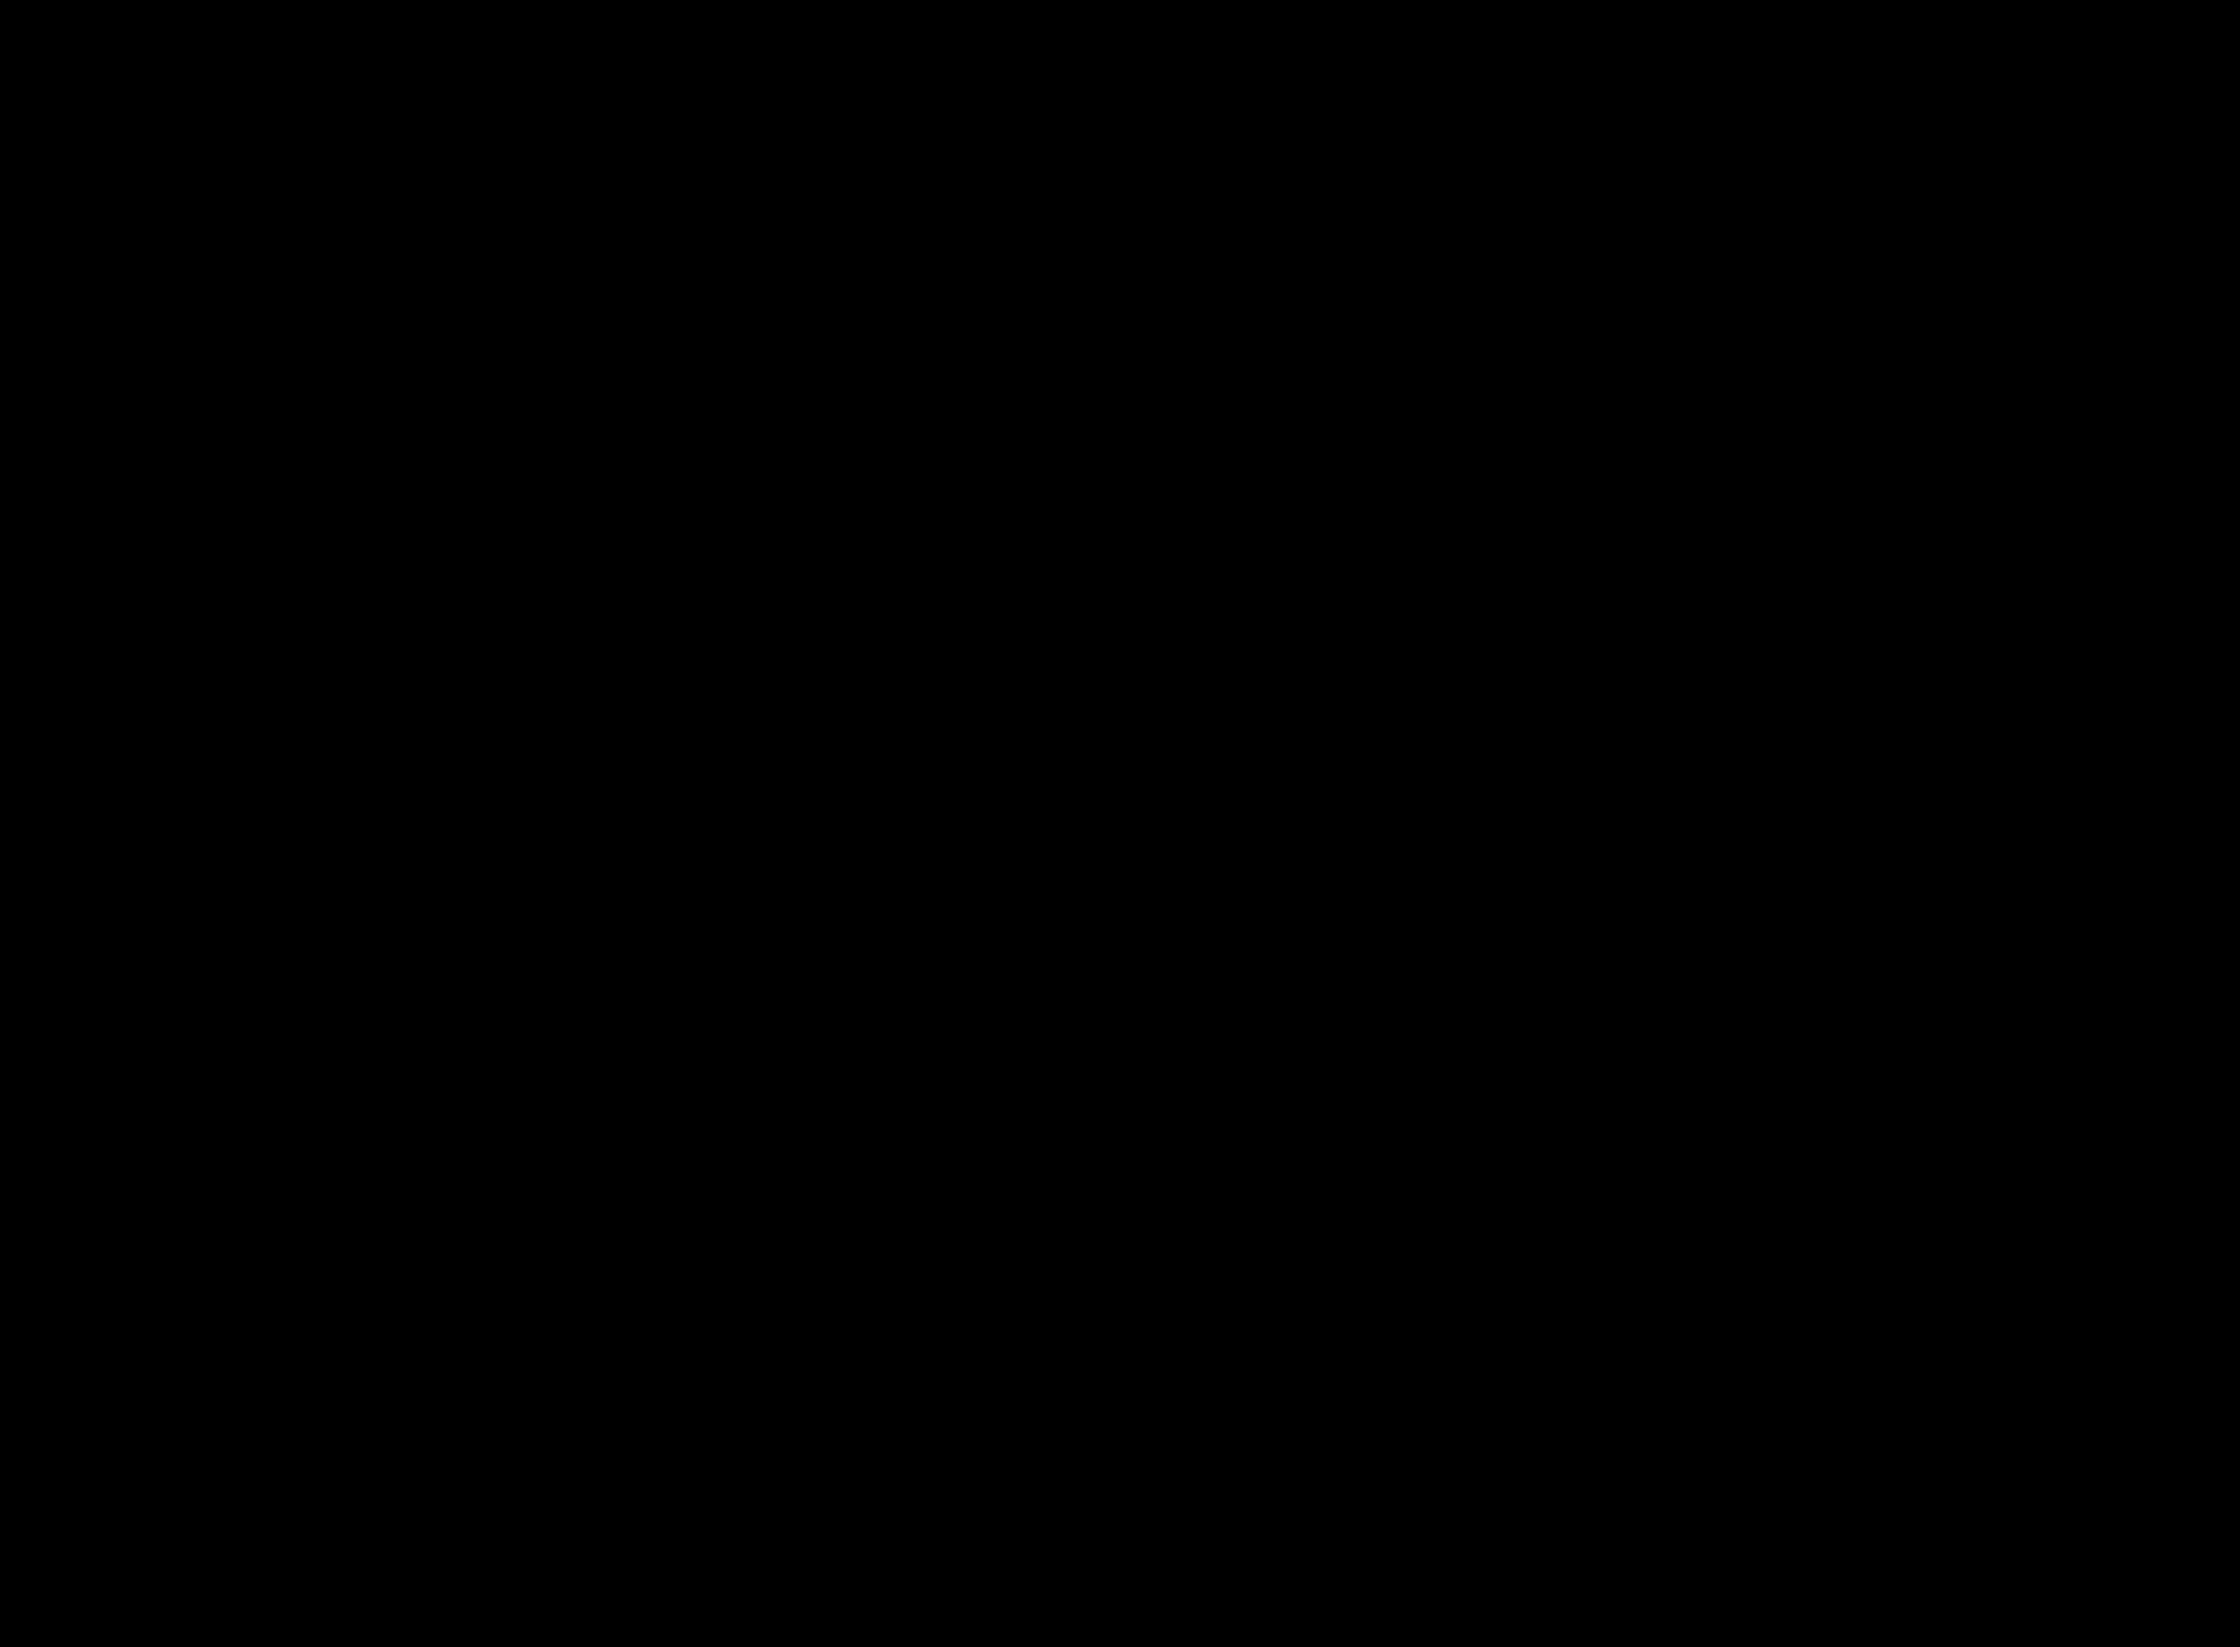 камера черная картинка каждой новой разработкой